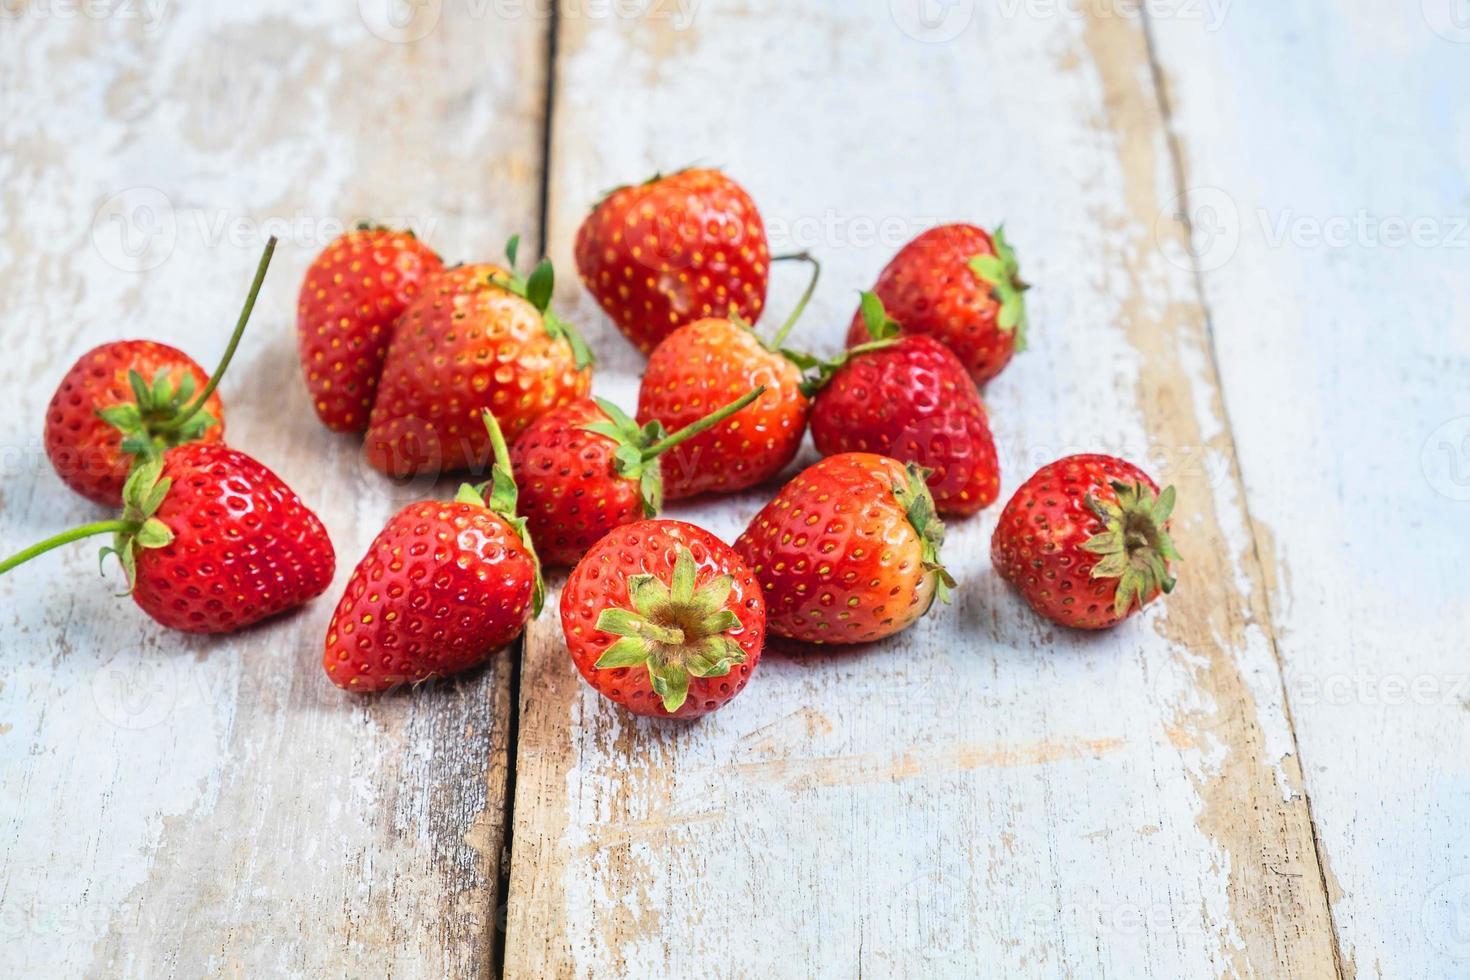 jordgubbar på ett träbord foto